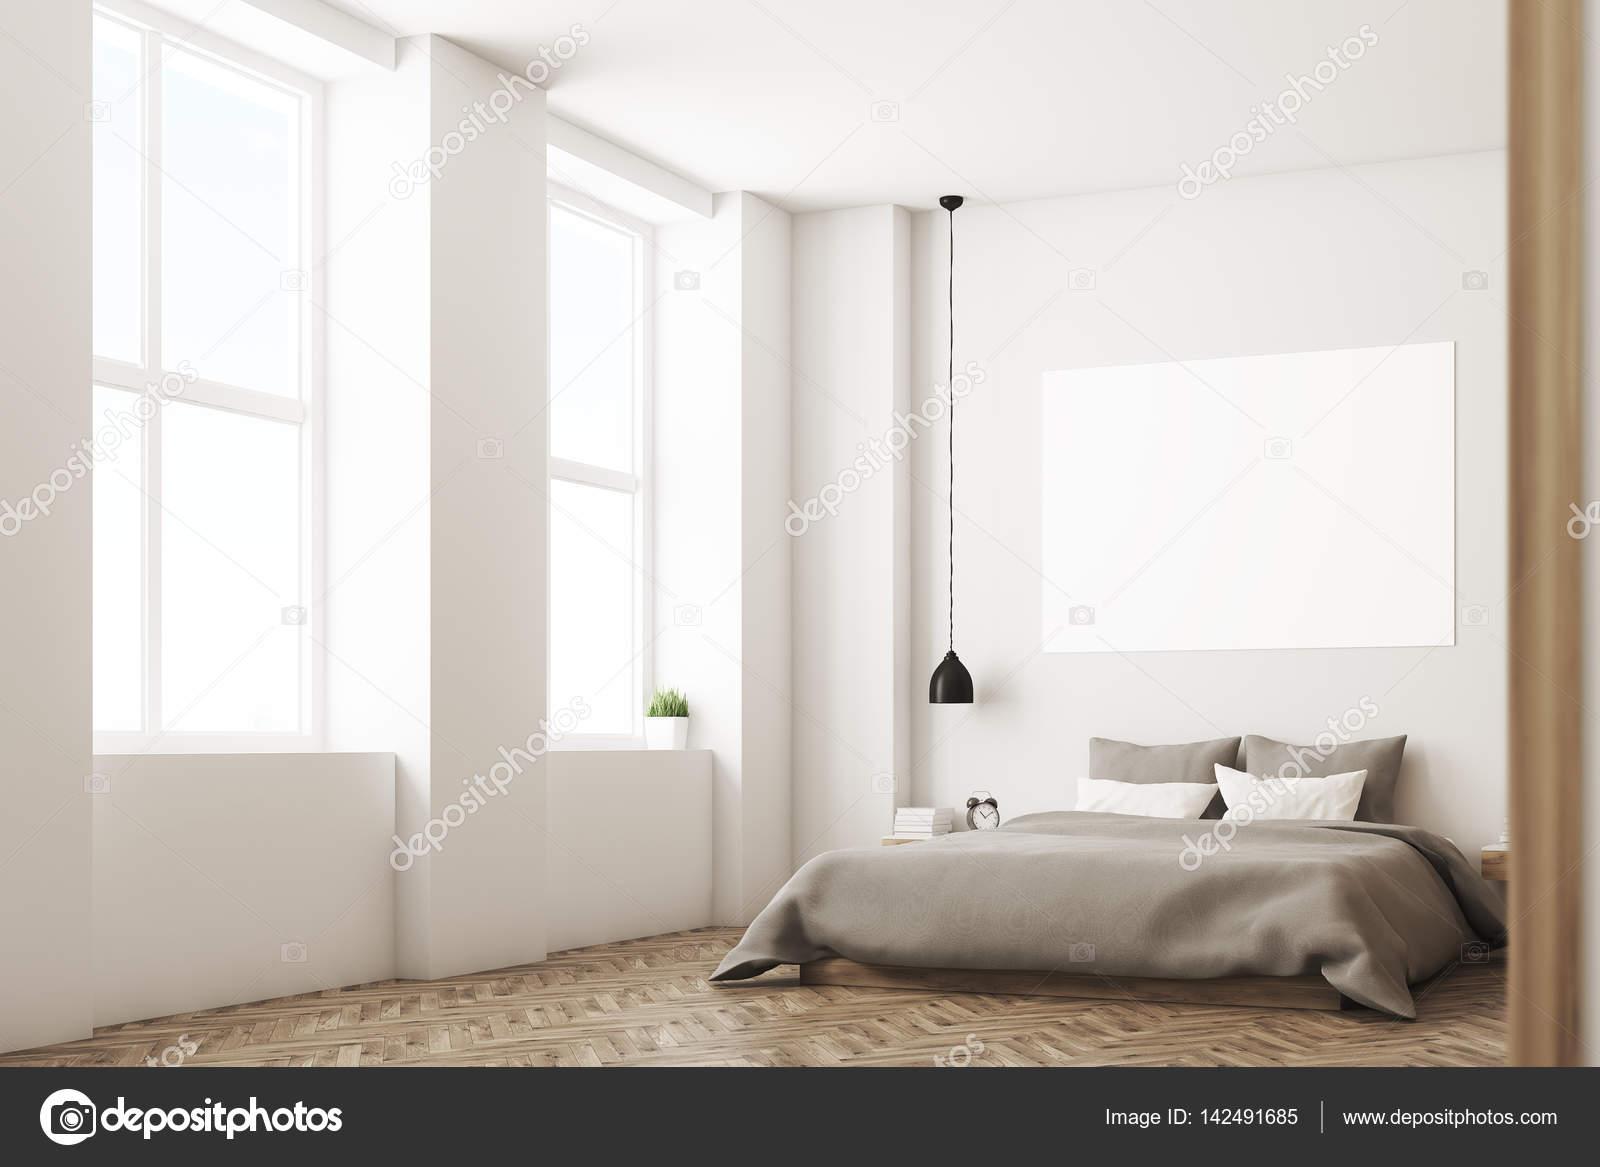 Ecke Des Inneren Schlafzimmer Mit Einem Doppelbett Ausgestattet. Bettzeug  Und Weiße Und Graue Kissen Grau. Gibt Es Eine Horizontale Plakat über Dem  Bett ...